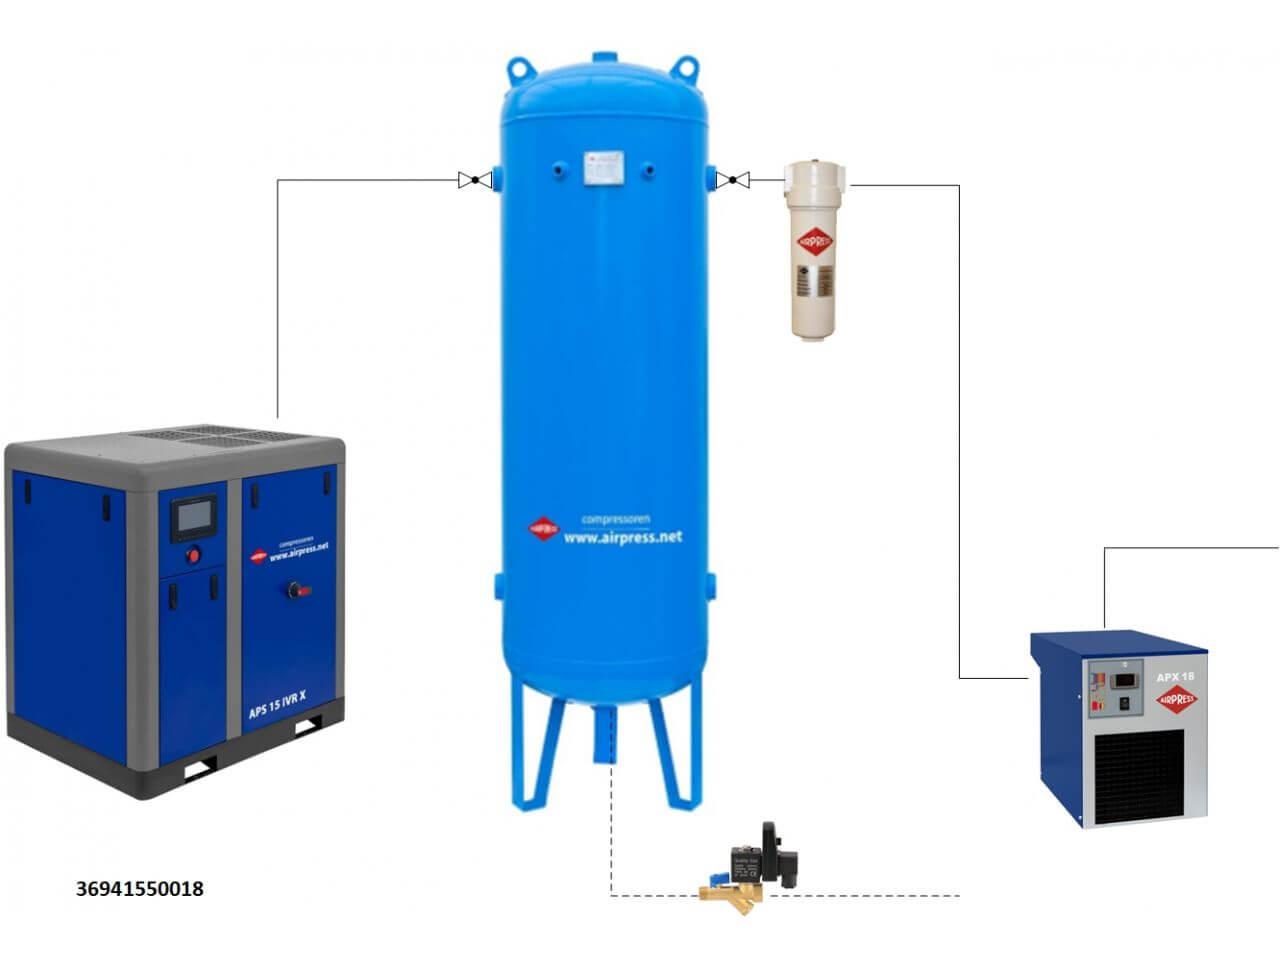 Persluchtinstallatie set APS 15 IVR X / 500 / 18